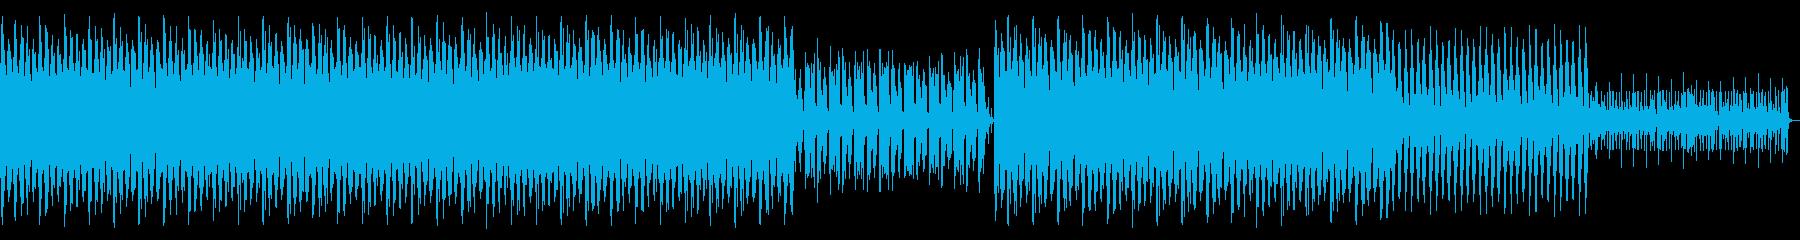 エレクトロハウス。力 。エネルギー。の再生済みの波形